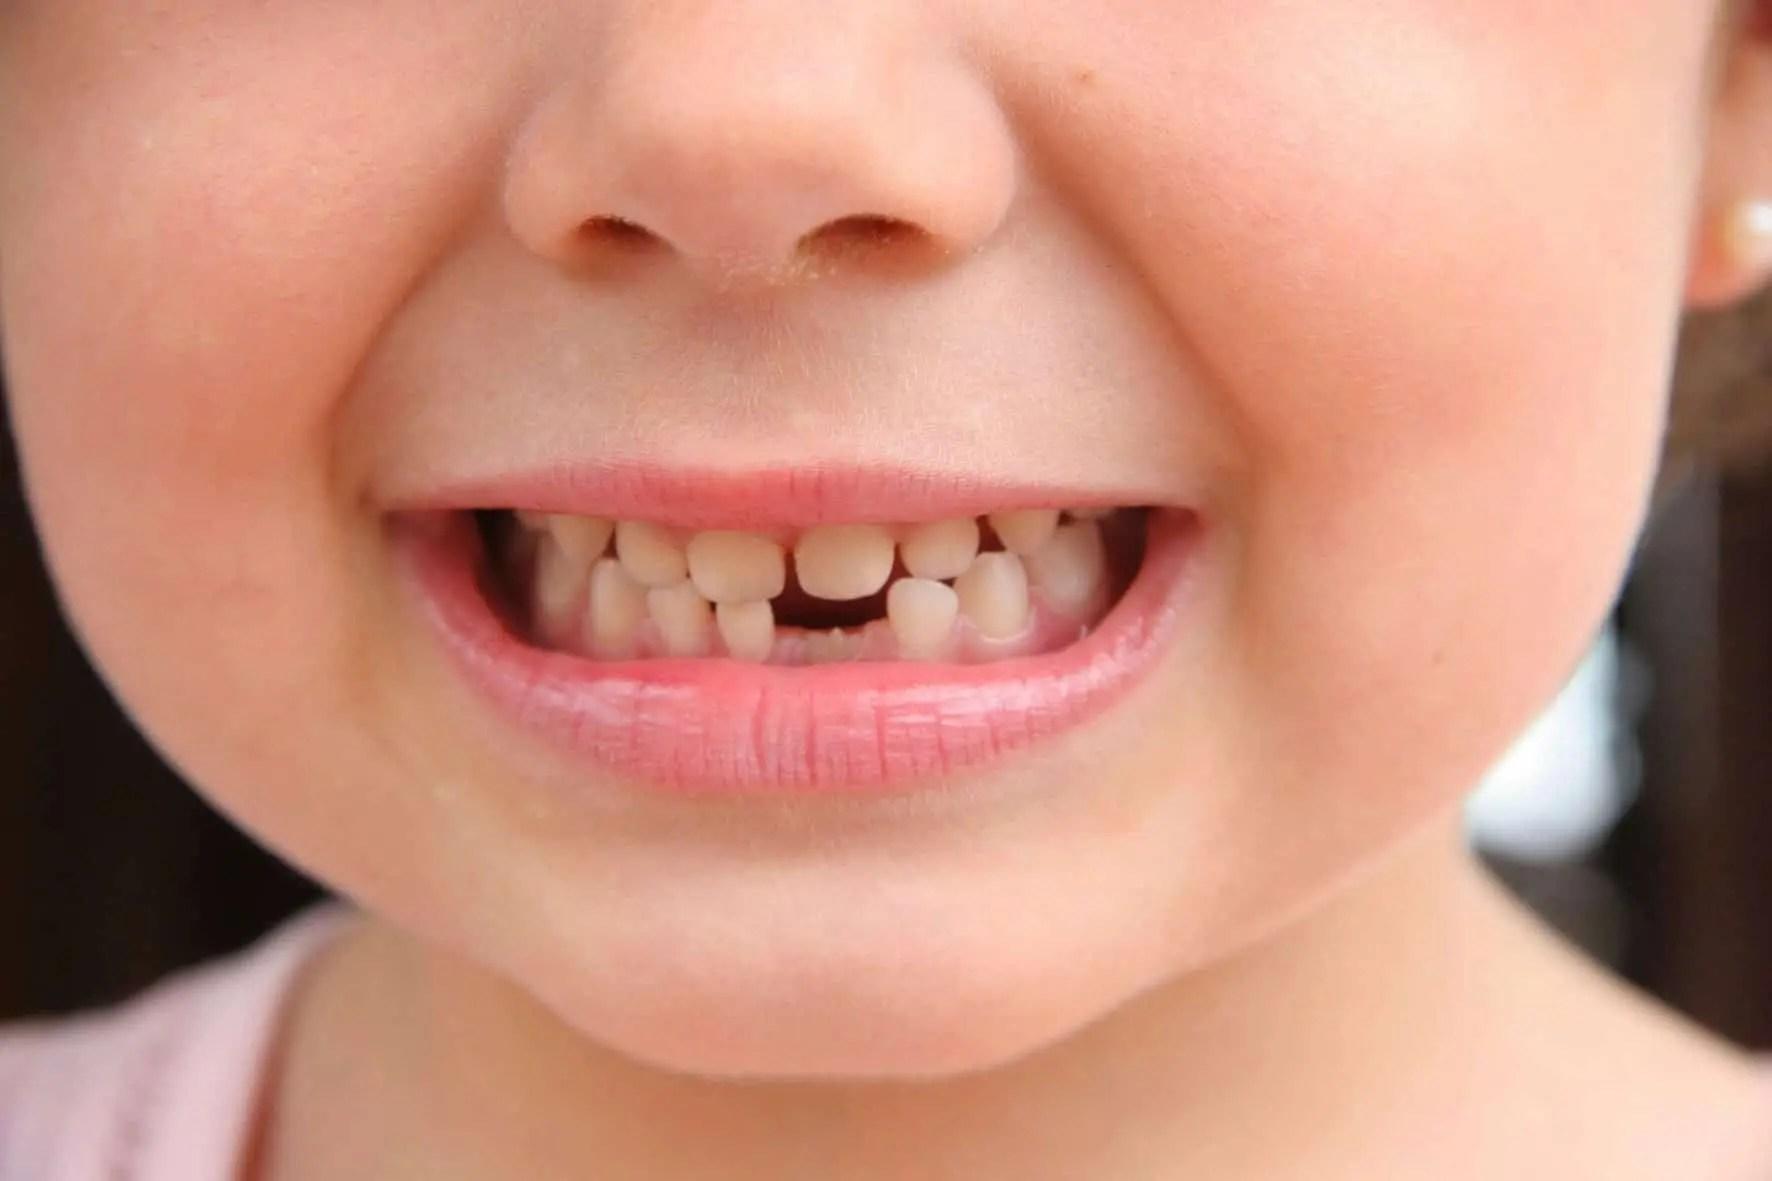 imagem de uma criança com dentes faltando